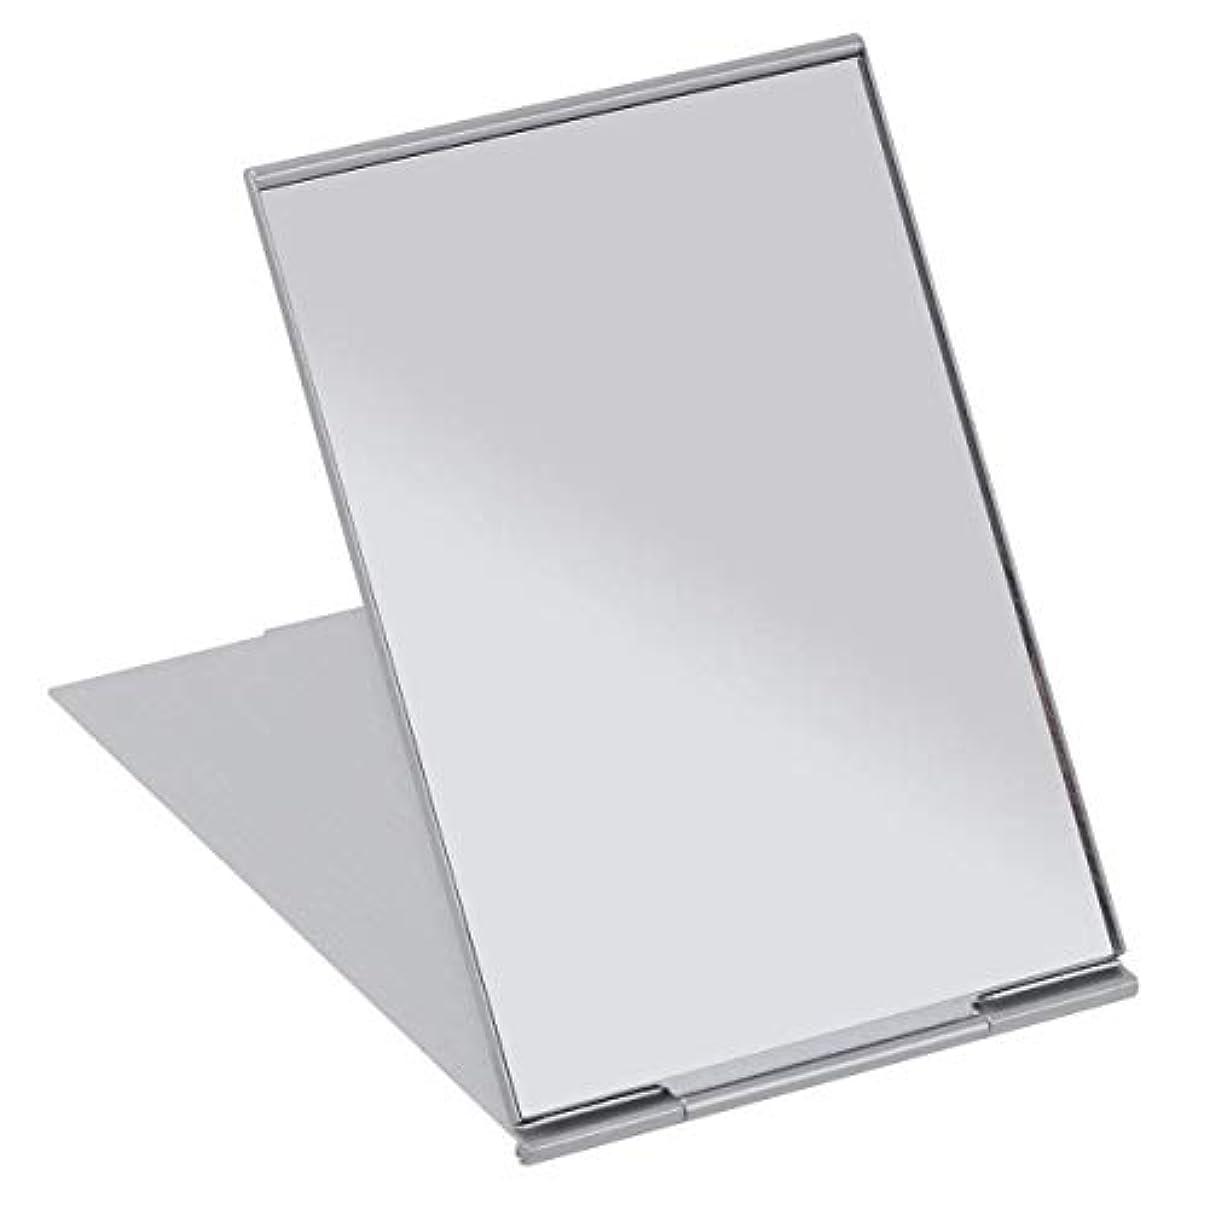 分割大いに手配するSALOCY コンパクトミラー モデル折立ミラー 化粧鏡 携帯ミラー 11.5*8cm 持ち運びに便利